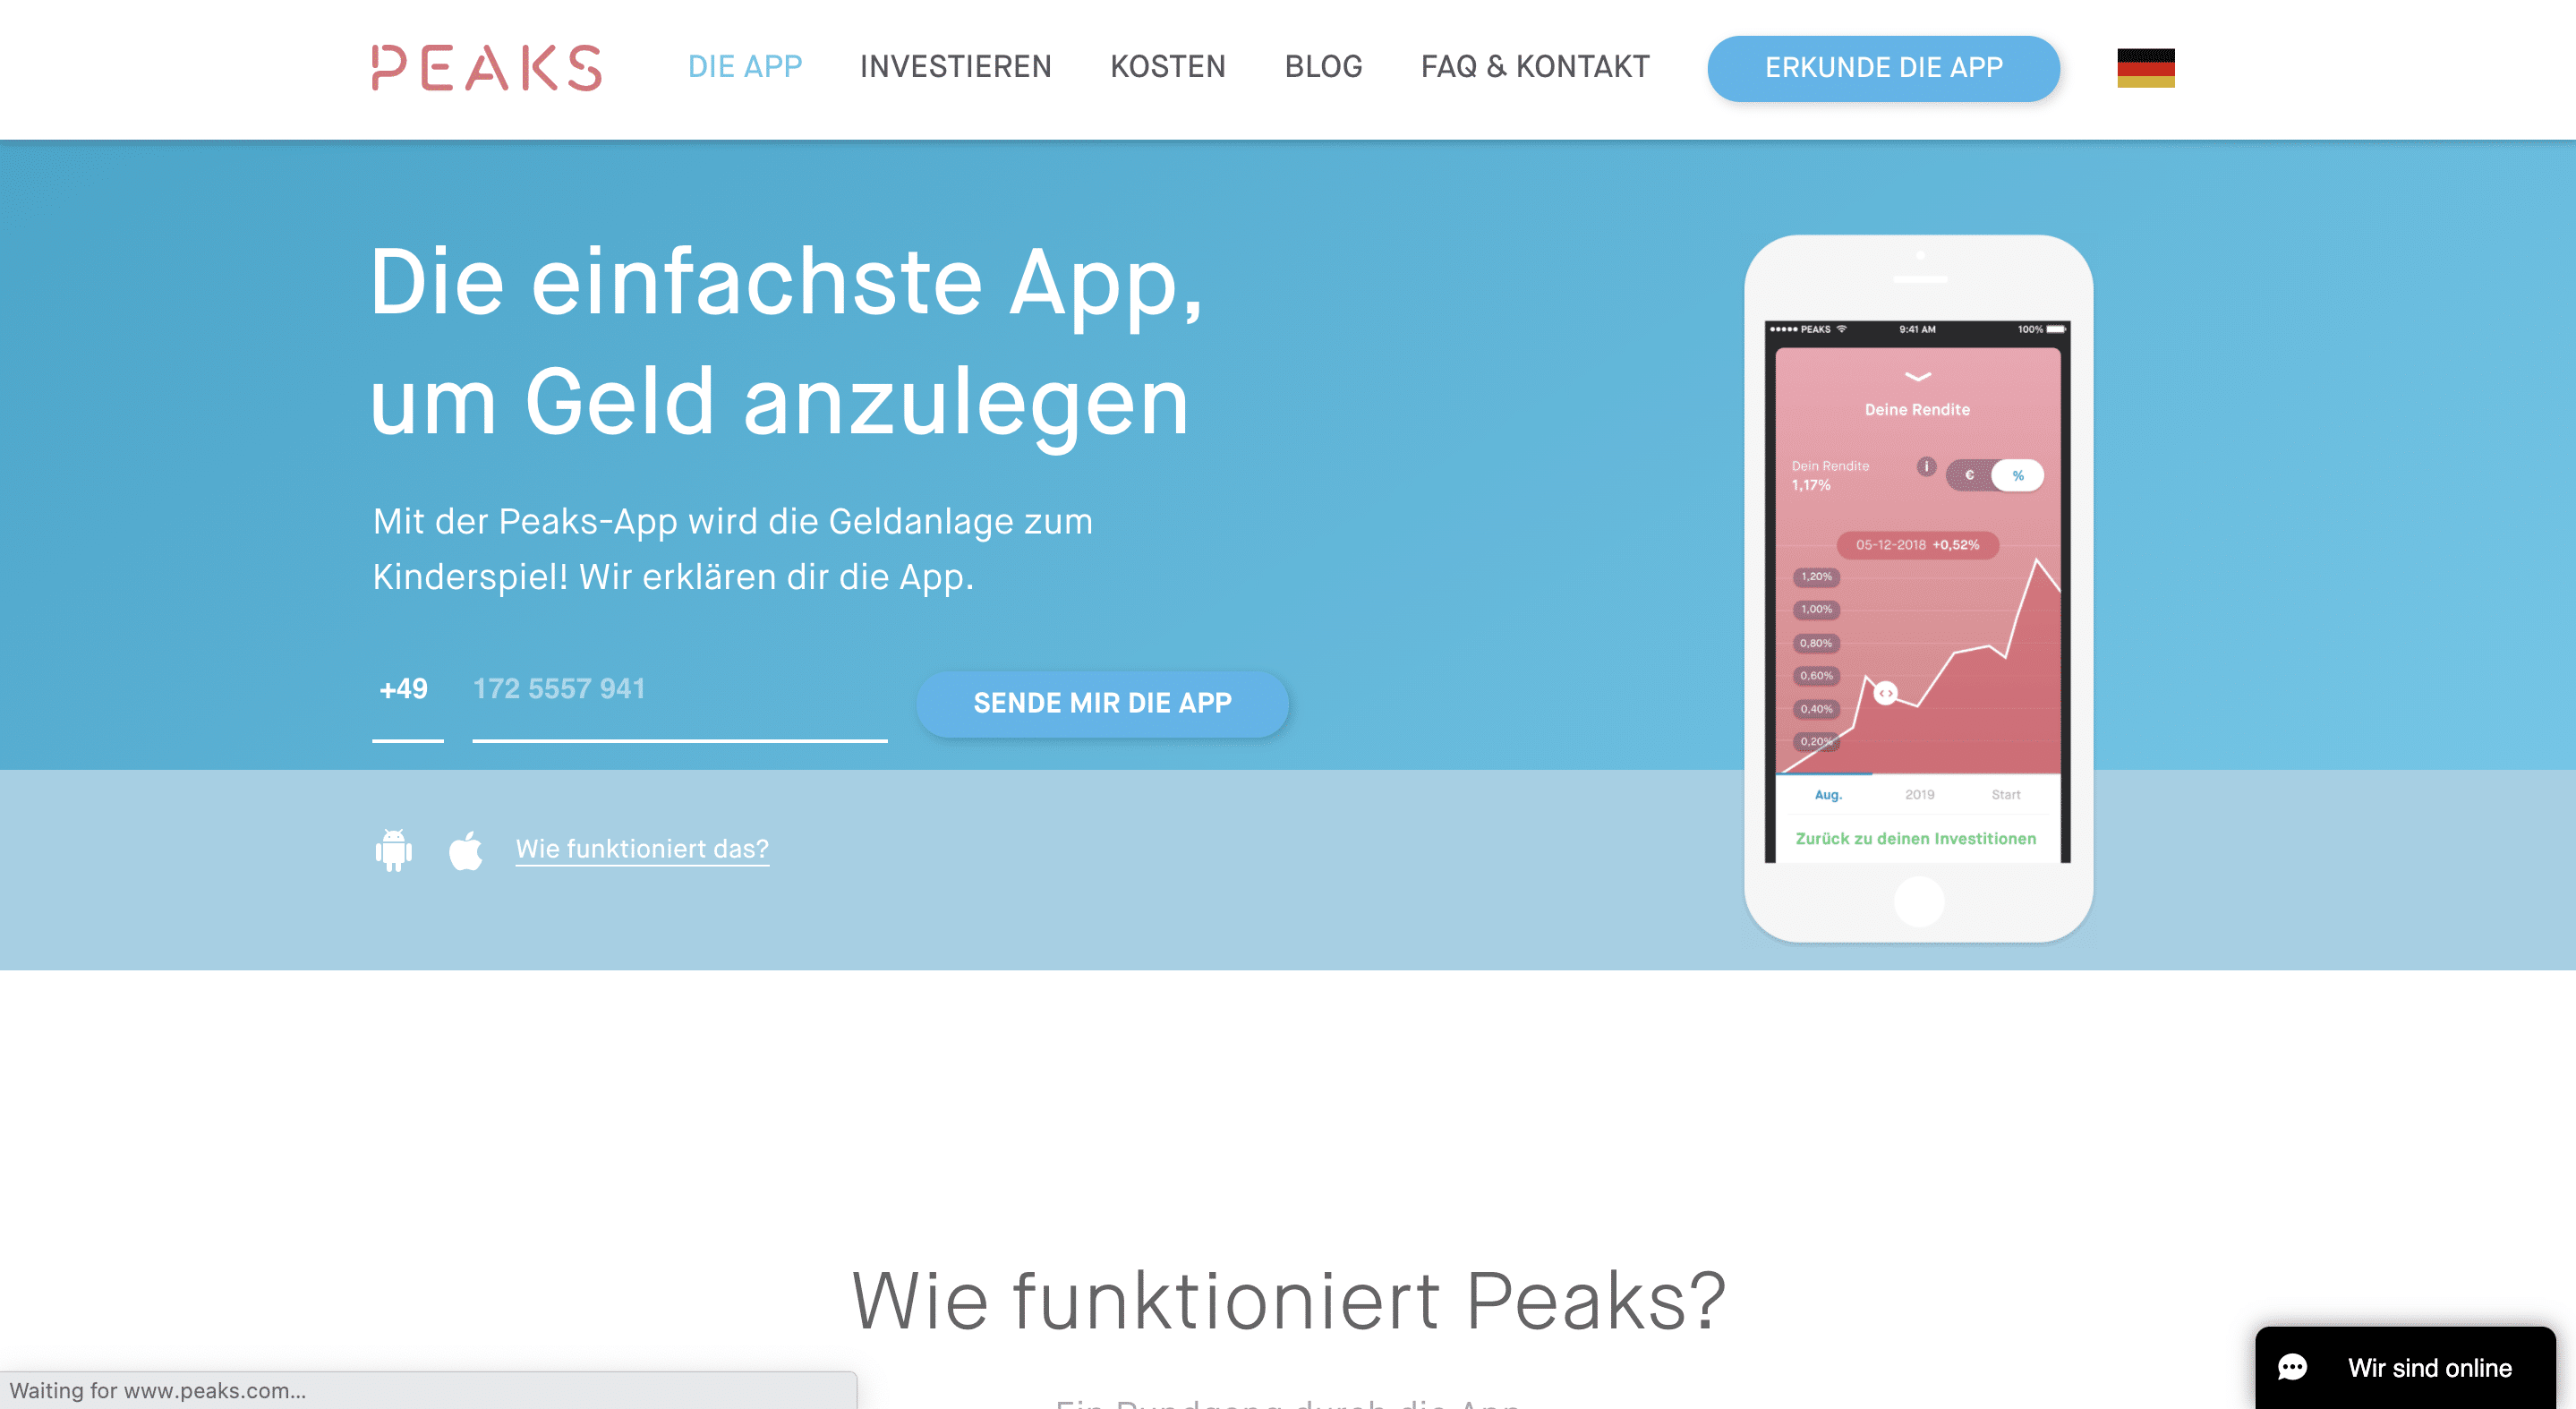 Peaks app herunterladen